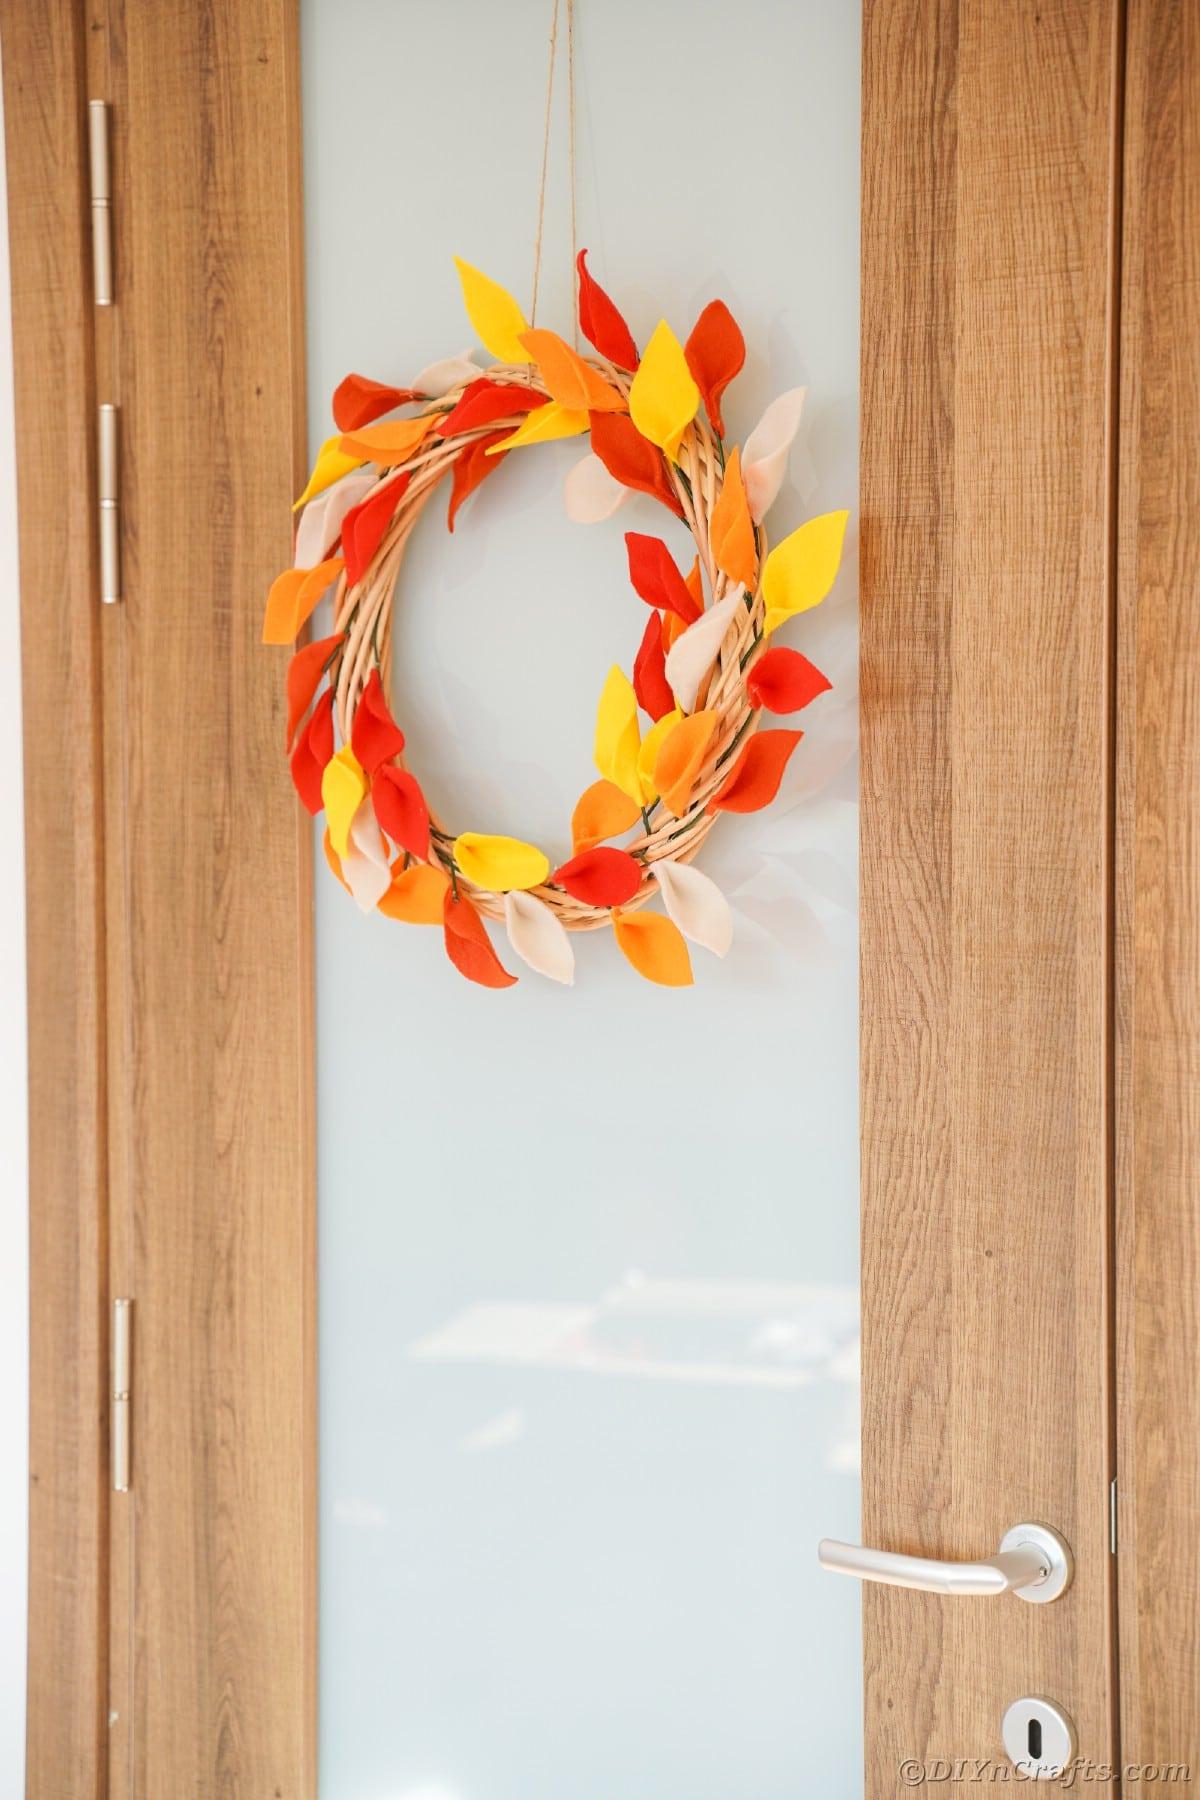 Porta de madeira e vidro com coroa de folhas